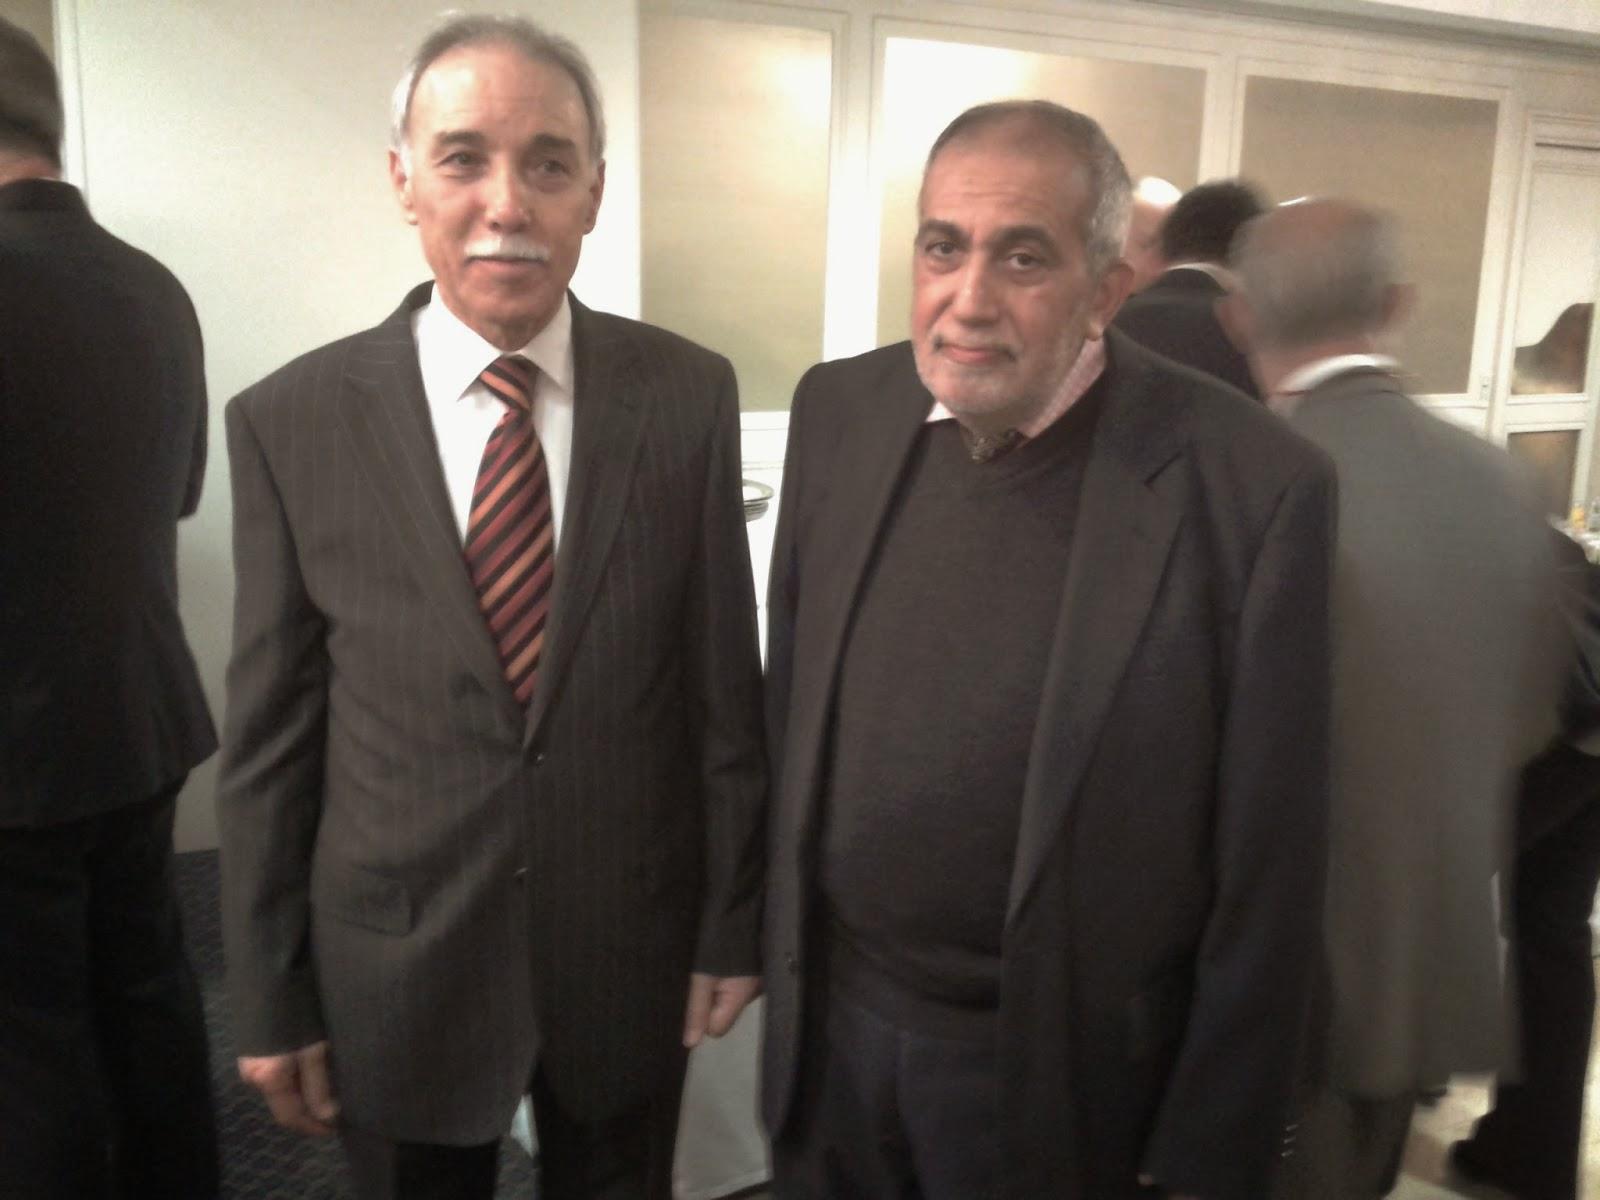 El Sr. Embajador con el representante de la Comisión Islámica de España Sr. Abboshi